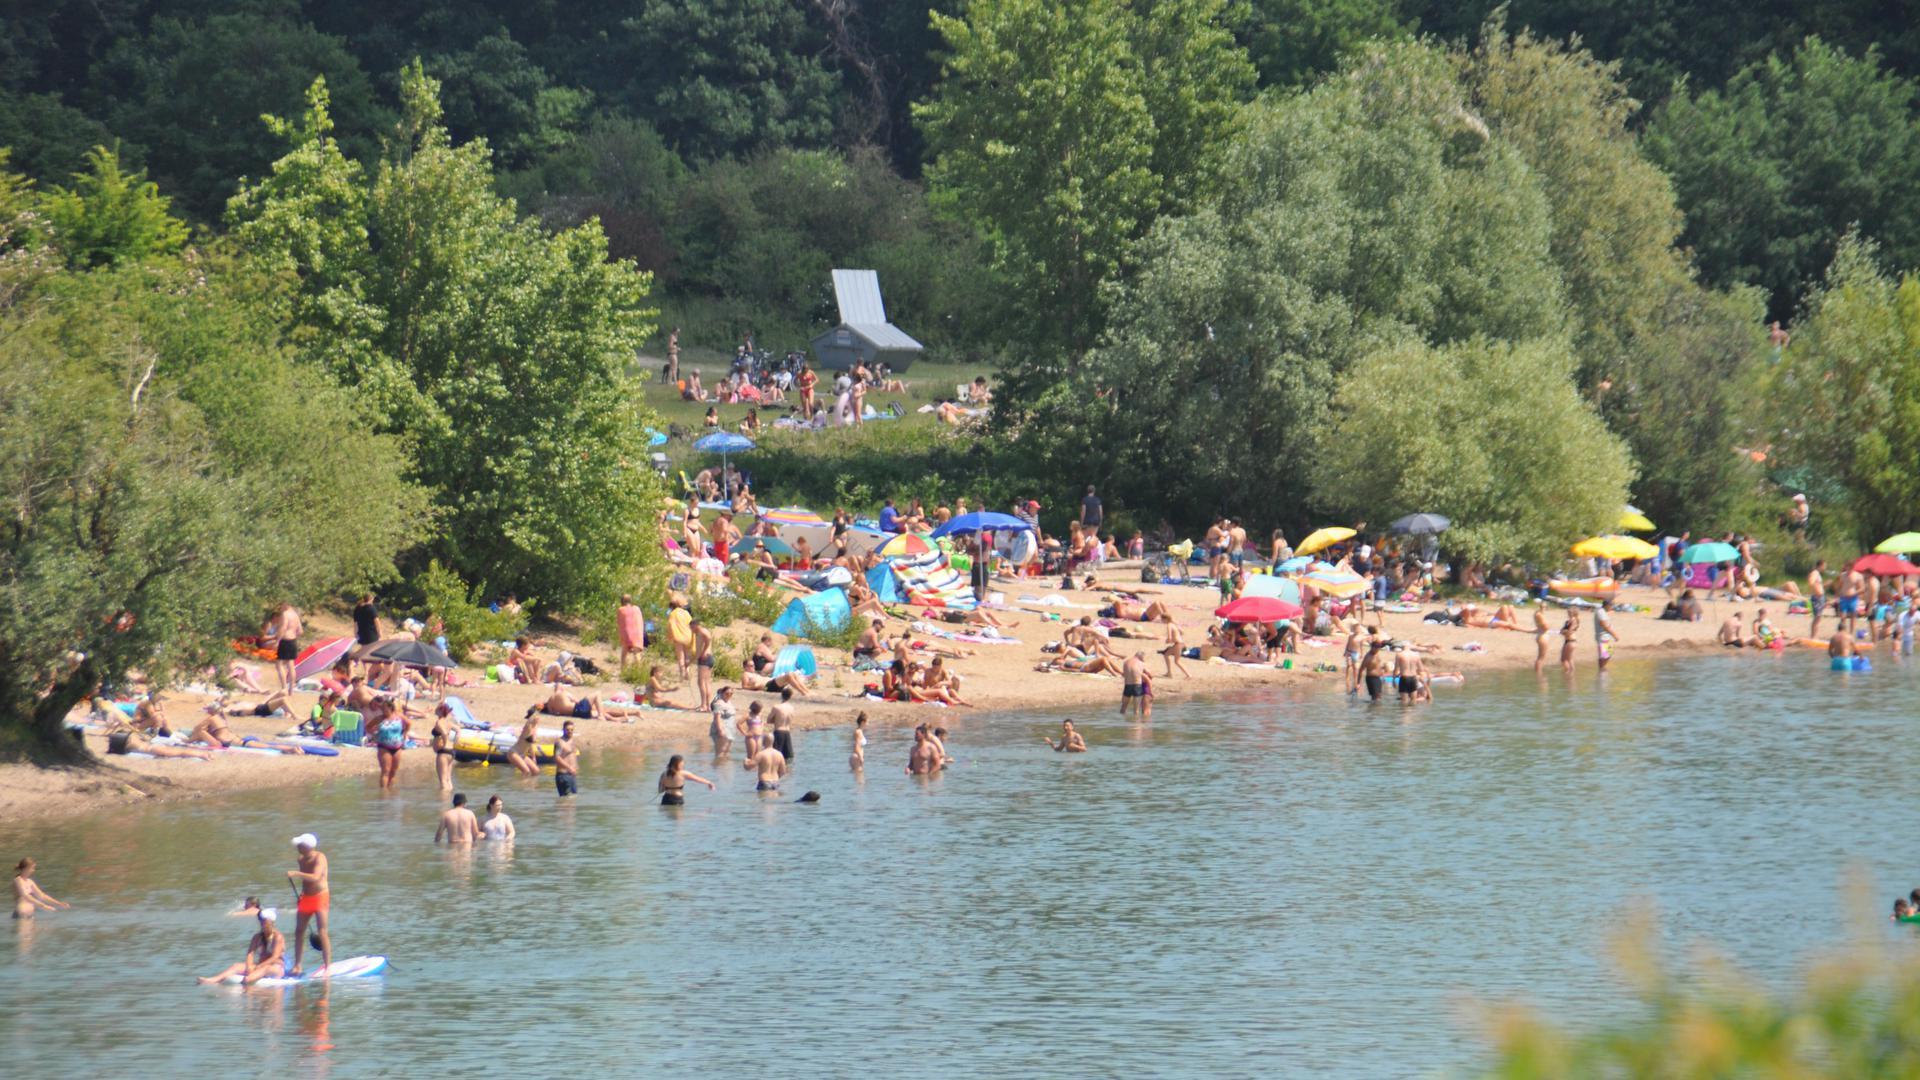 Einige Besucher wagten sich sogar ins Wasser. Andere blieben lieber unter ihrem Sonnenschirm liegen.